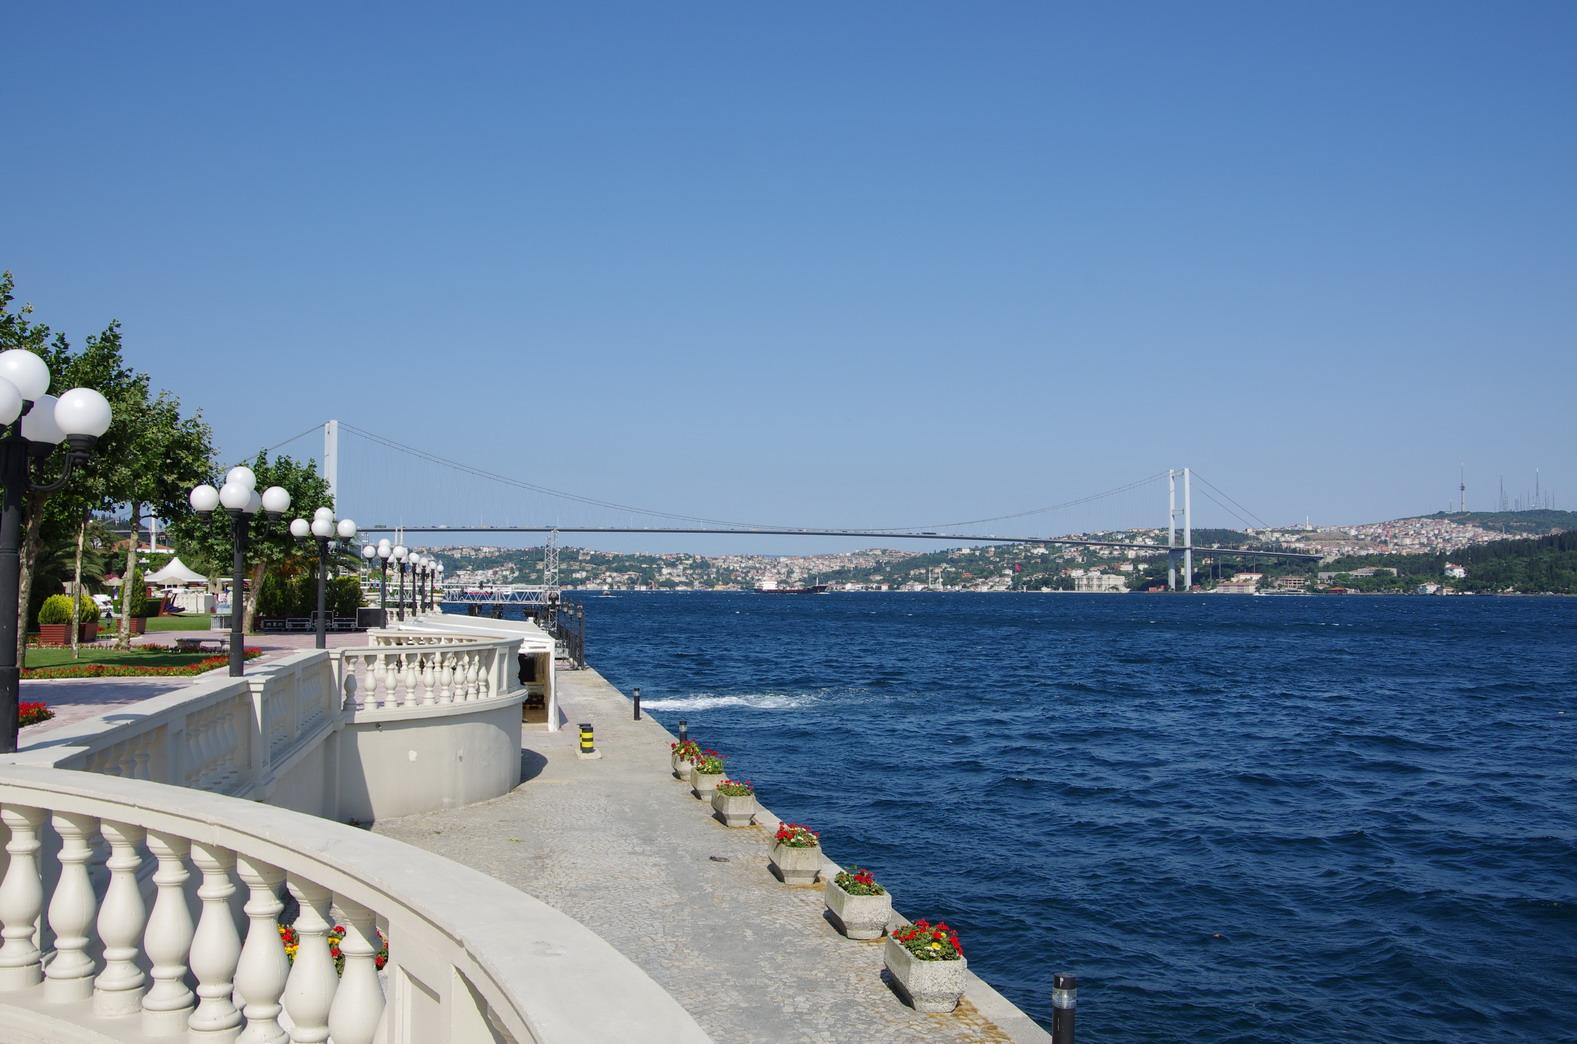 Istanbul: Entspannen am Bosporus nach dem Basar-Besuch